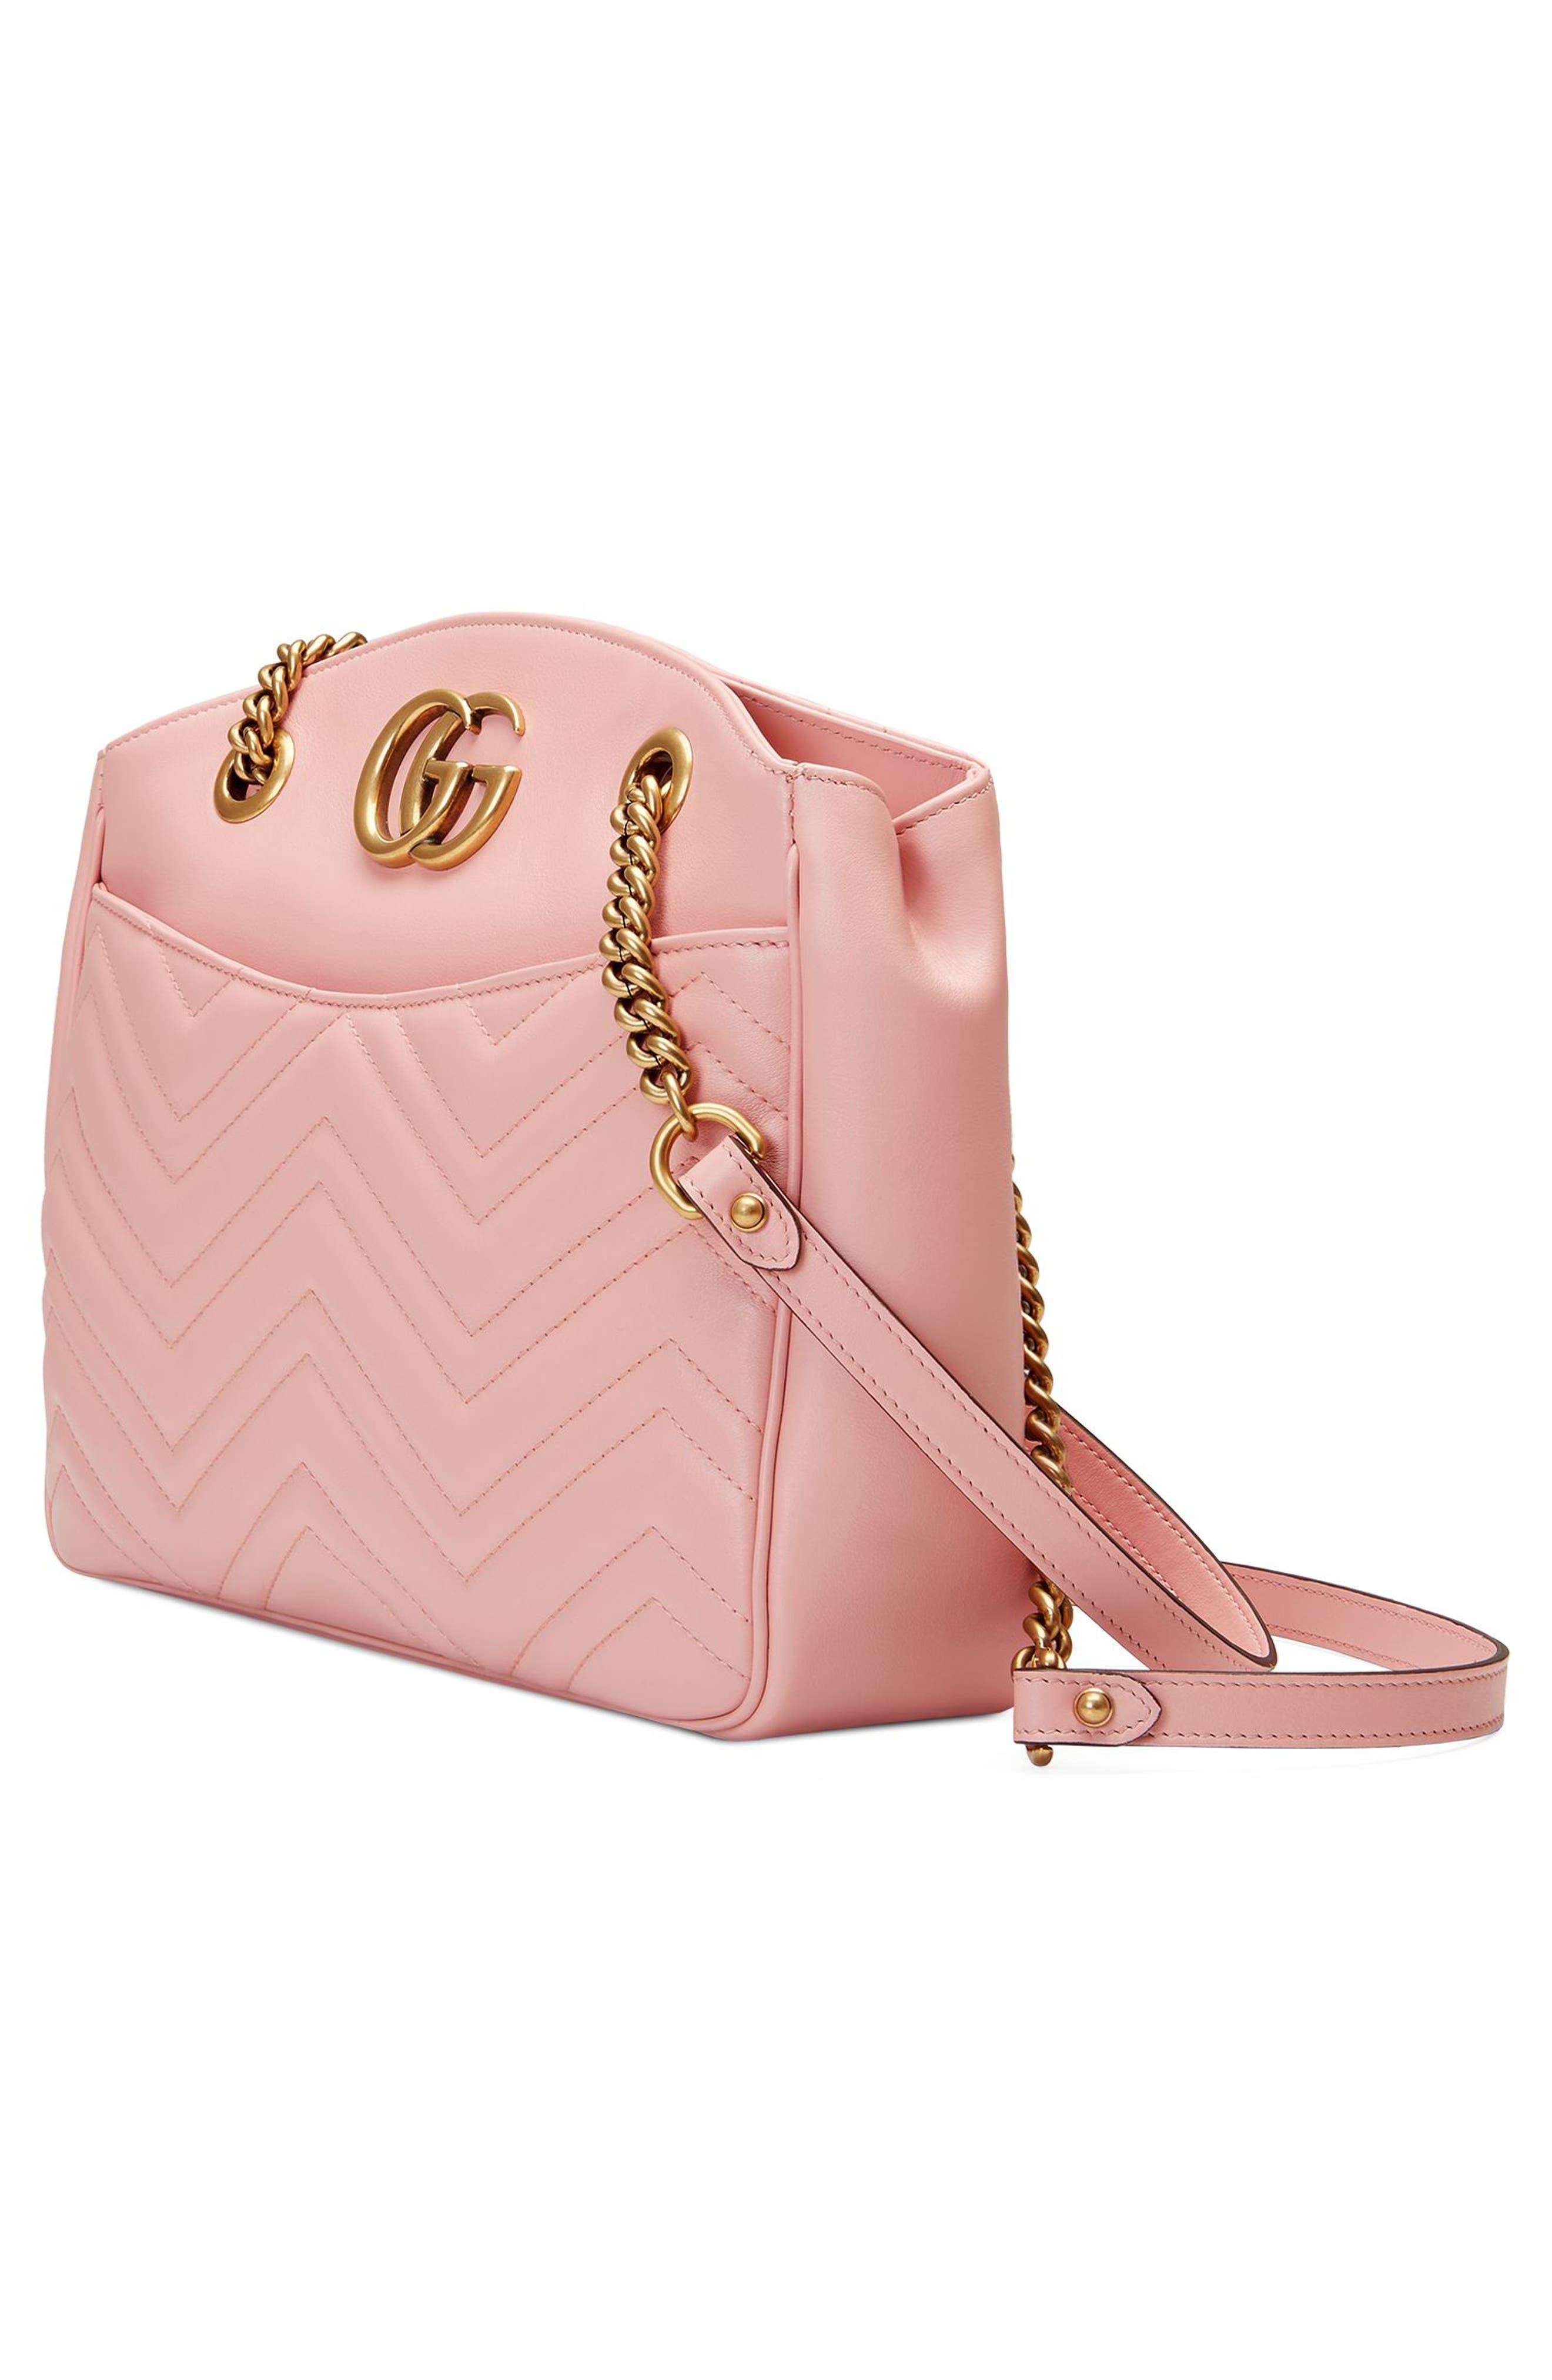 GG Marmont Matelassé Leather Shoulder Bag,                             Alternate thumbnail 8, color,